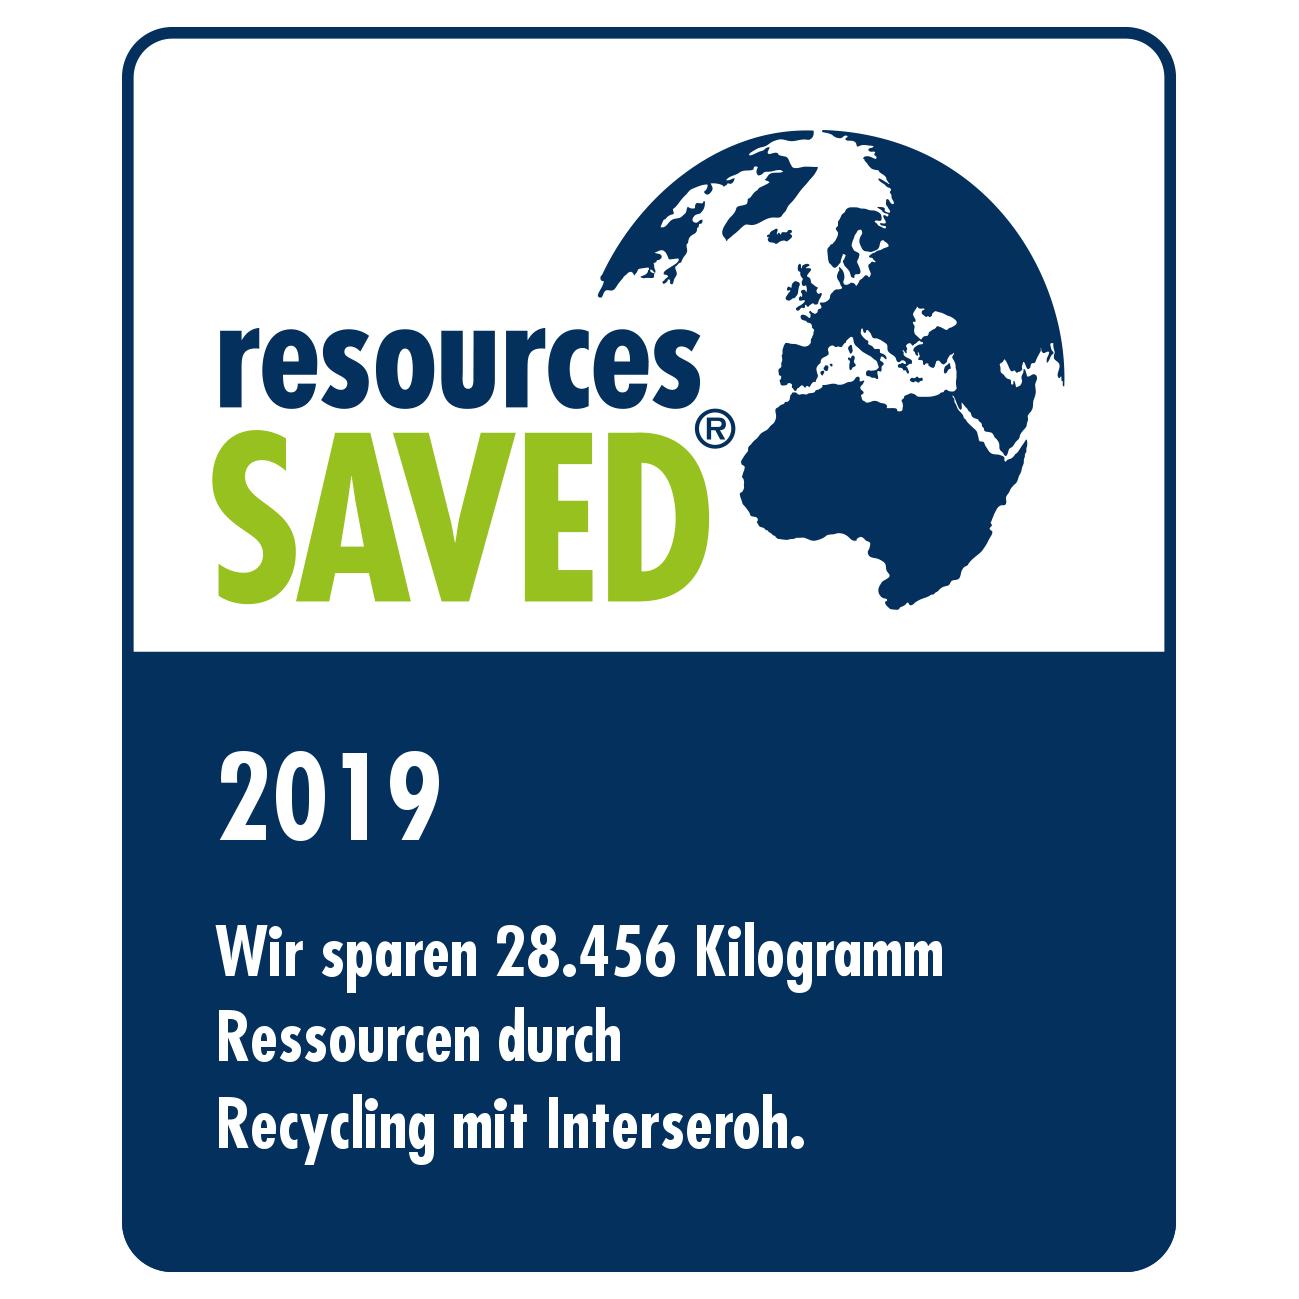 2019 - Eingesparte Ressourcen durch Recycling